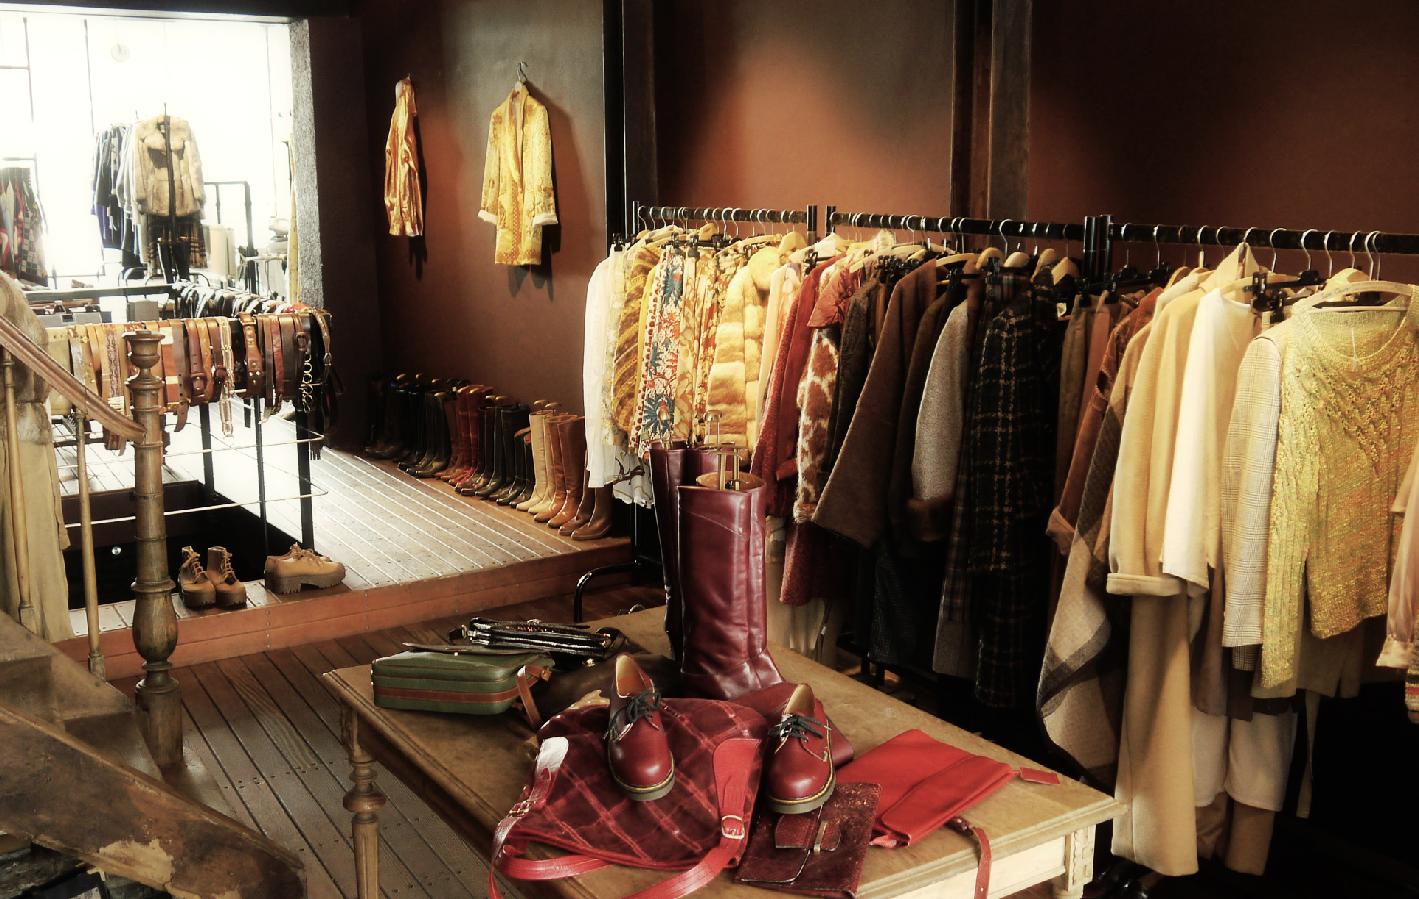 Acheter des vêtements de seconde main, vêtements vintage